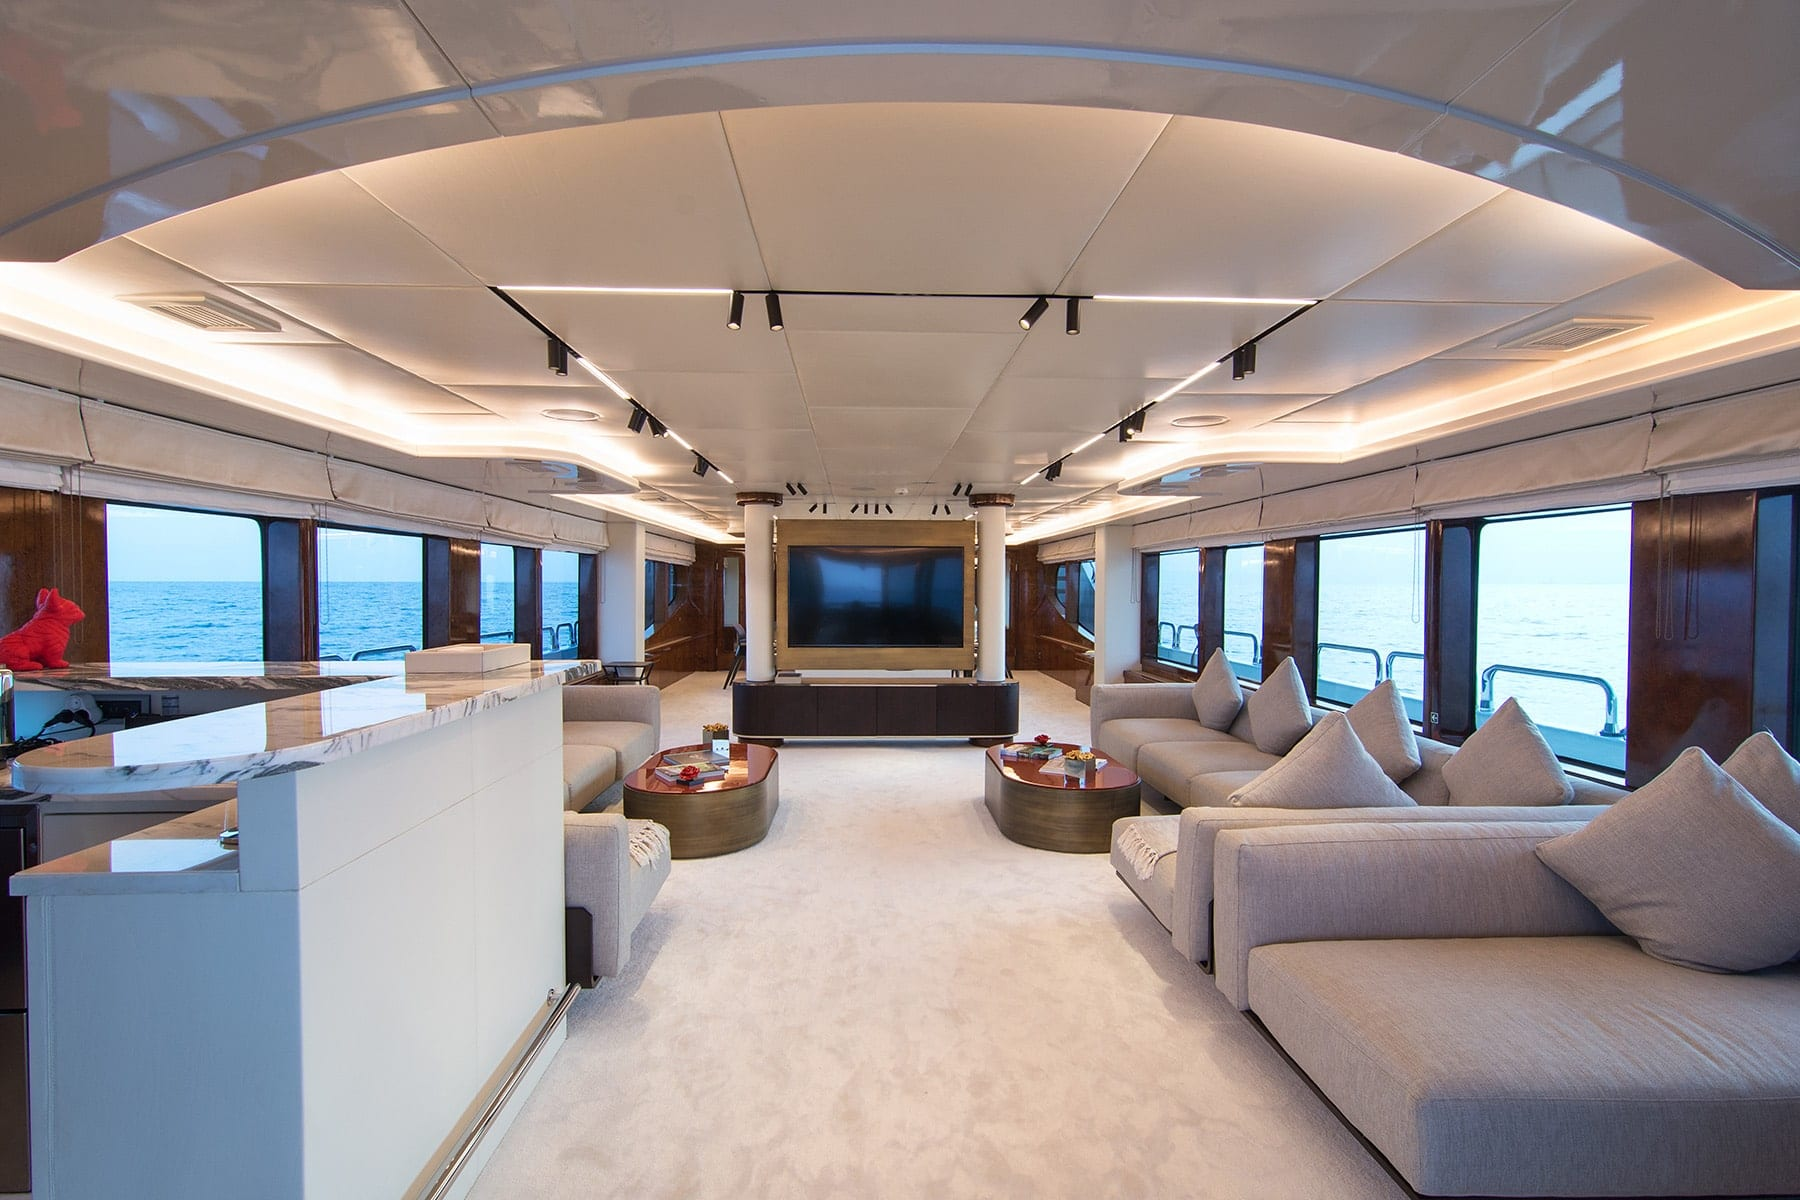 moka megayacht salon main deck